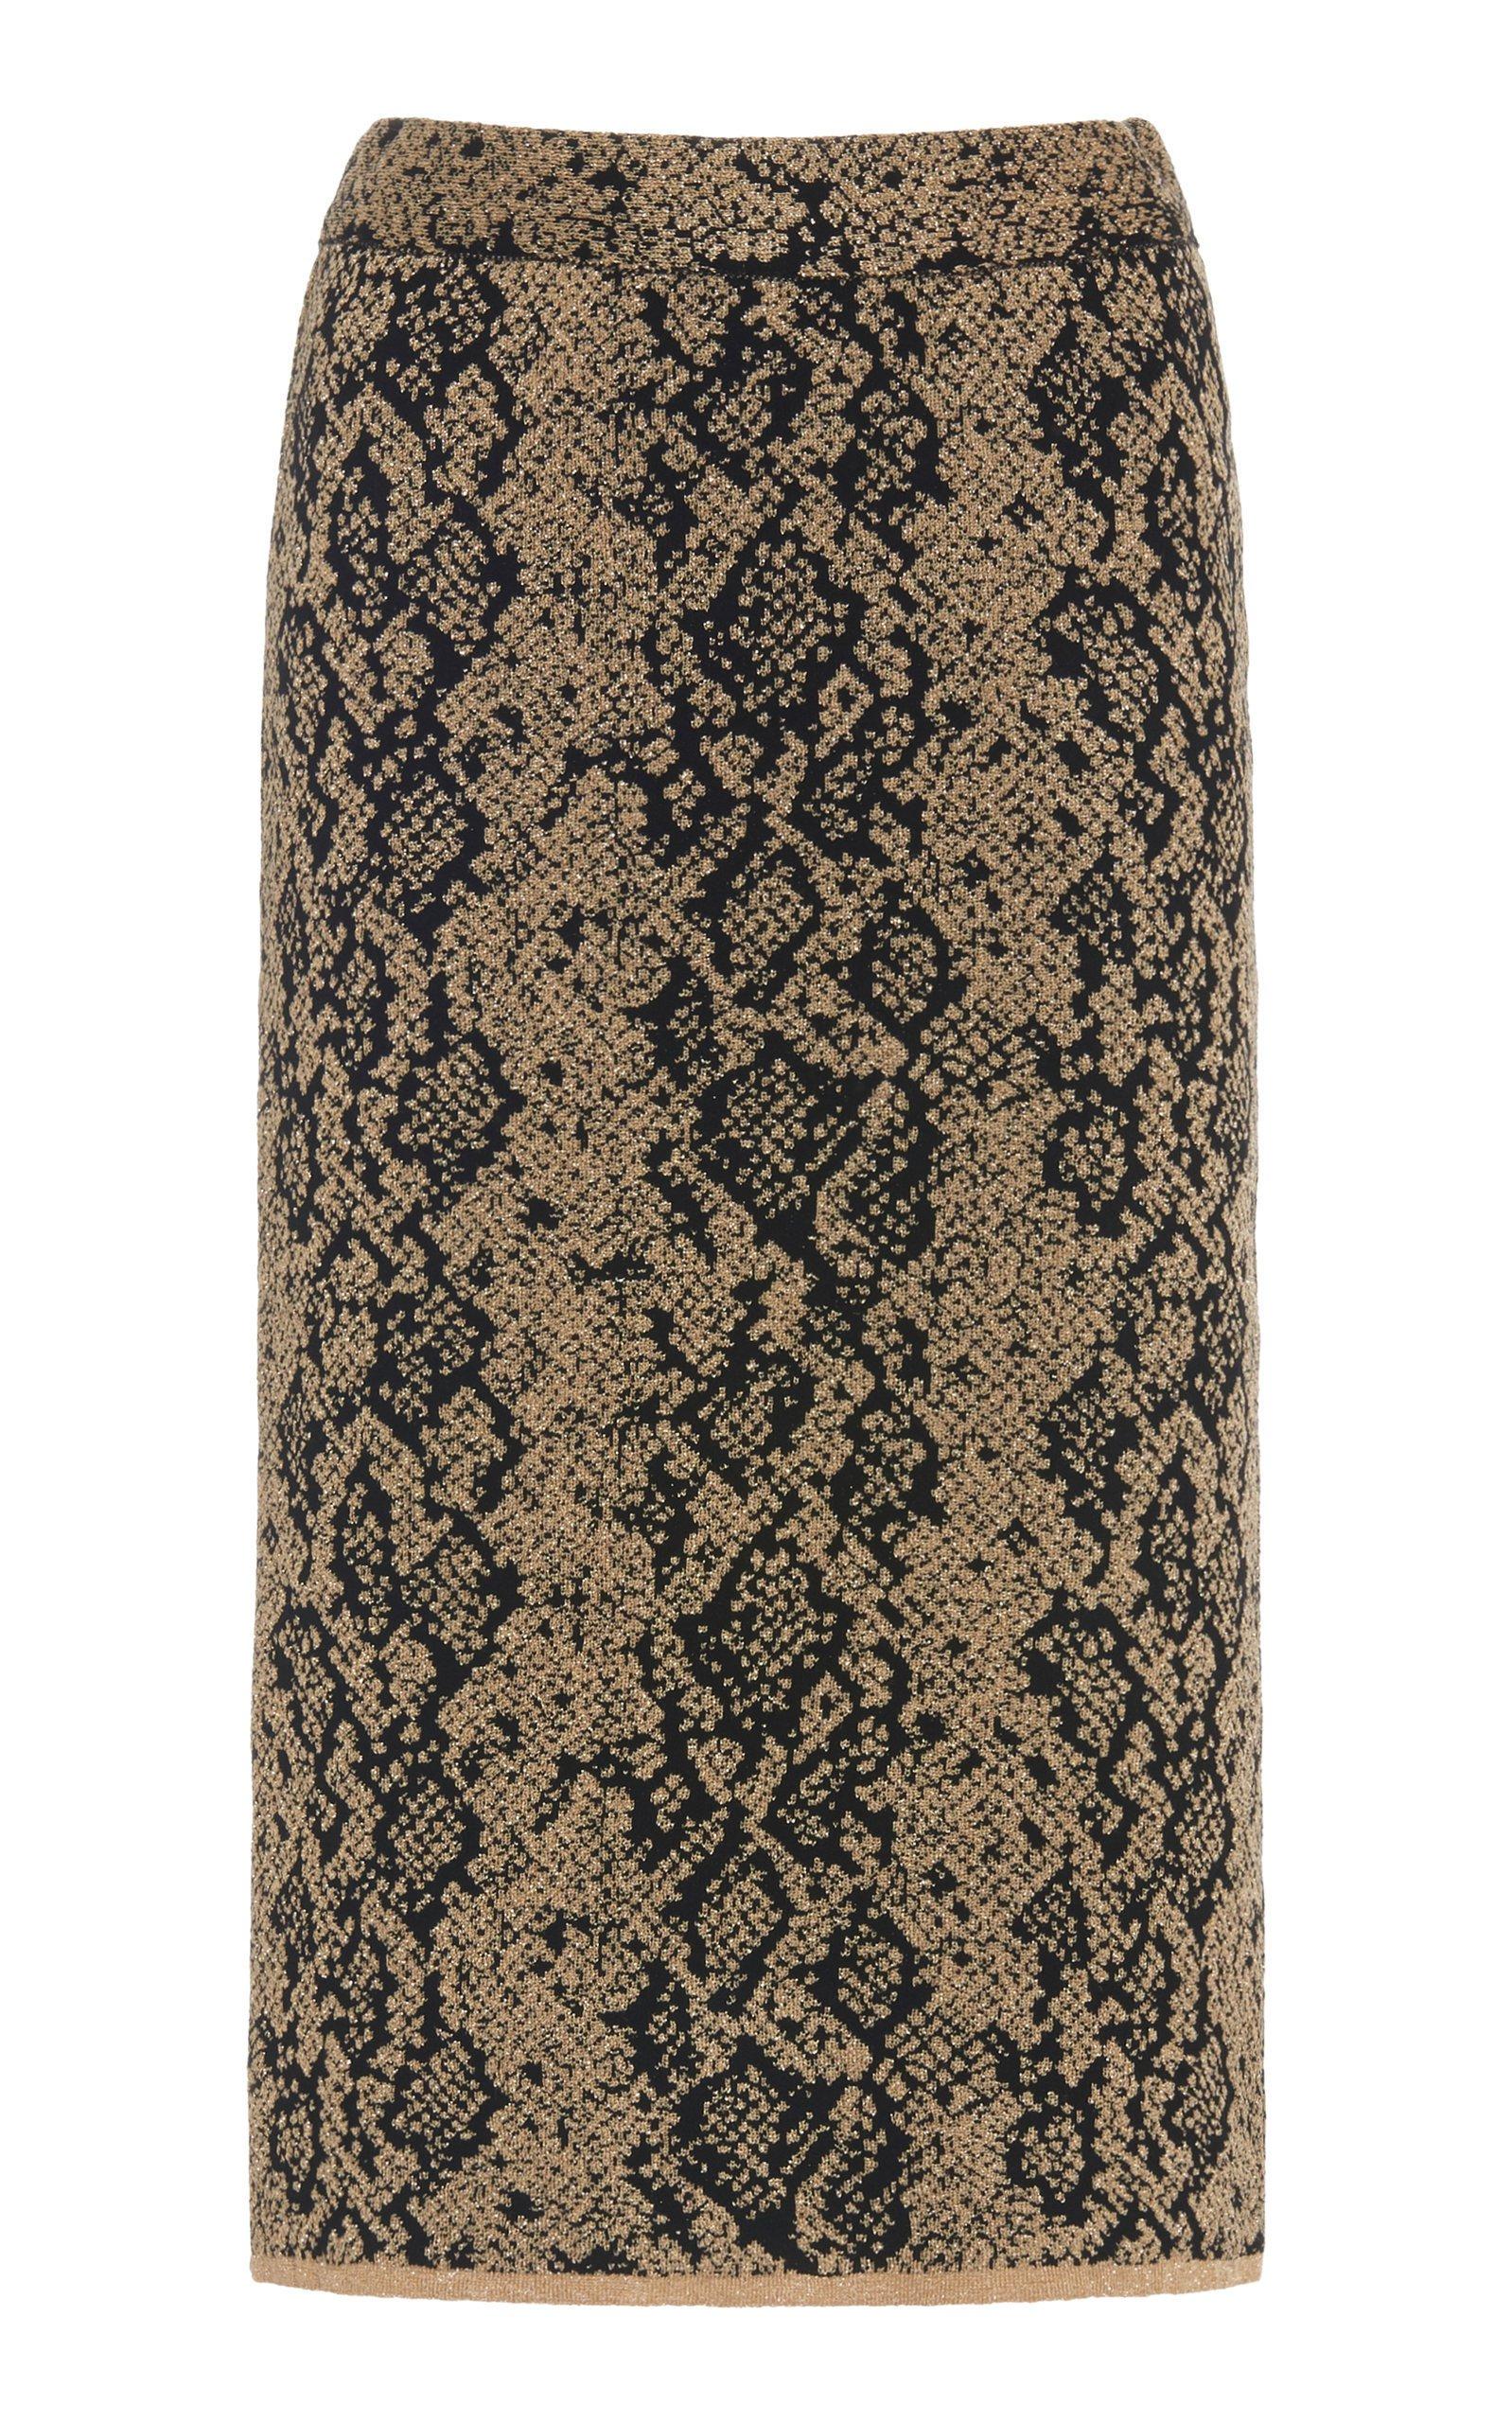 Dundas Printed Jersey Pencil Skirt Size: 36